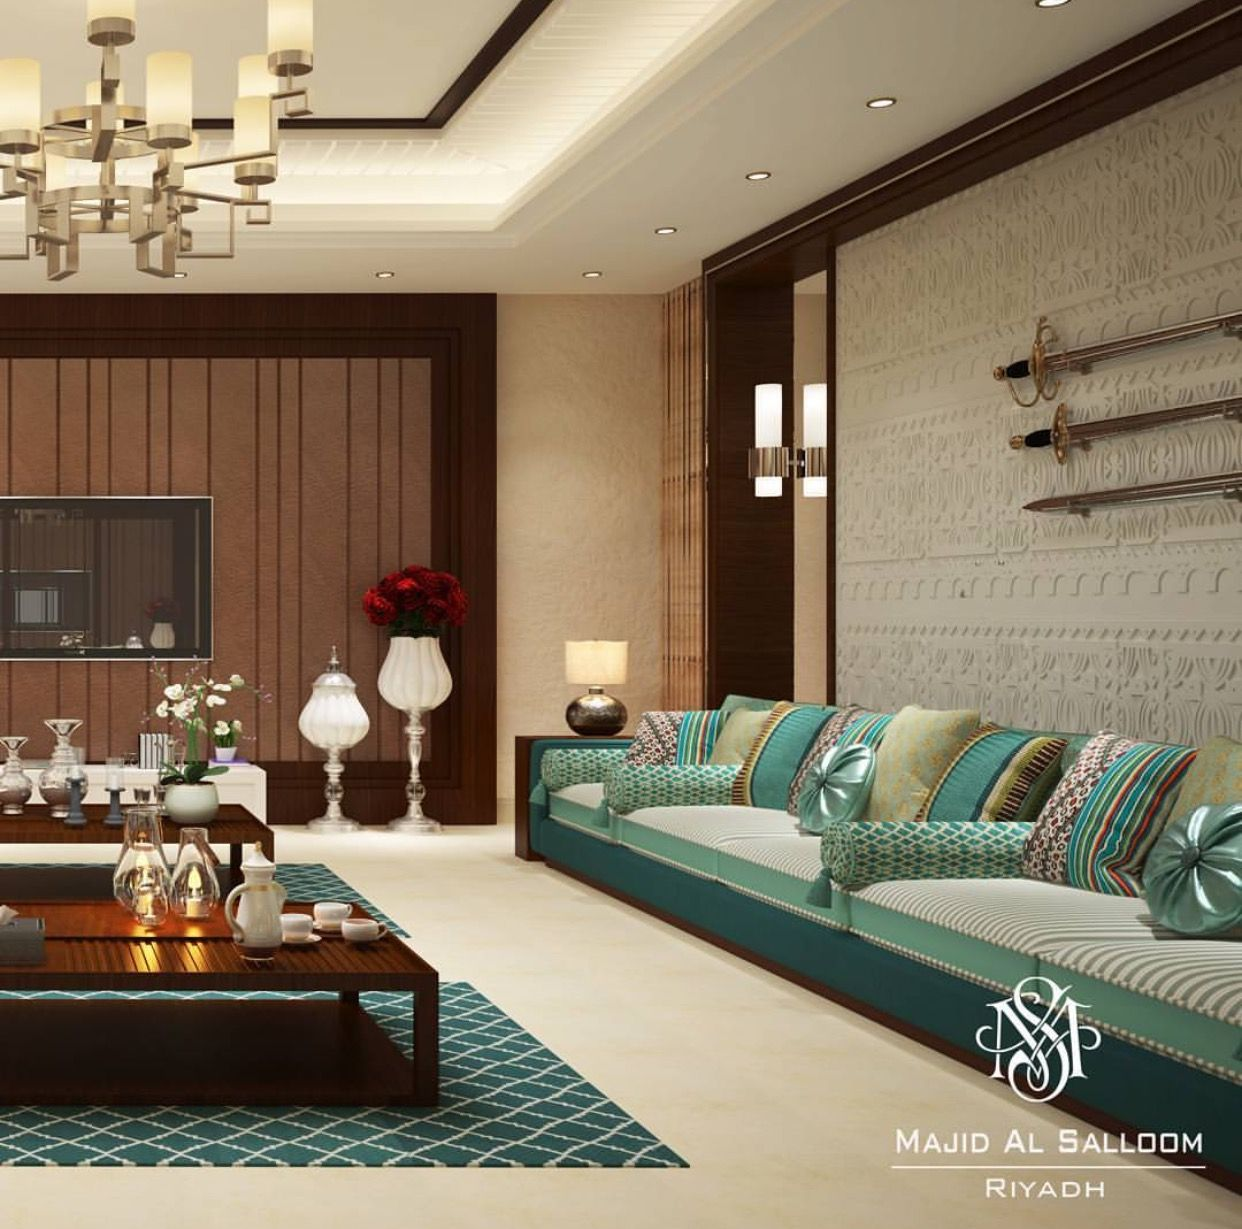 Medium Crop Of Interior Designs Living Rooms Photos